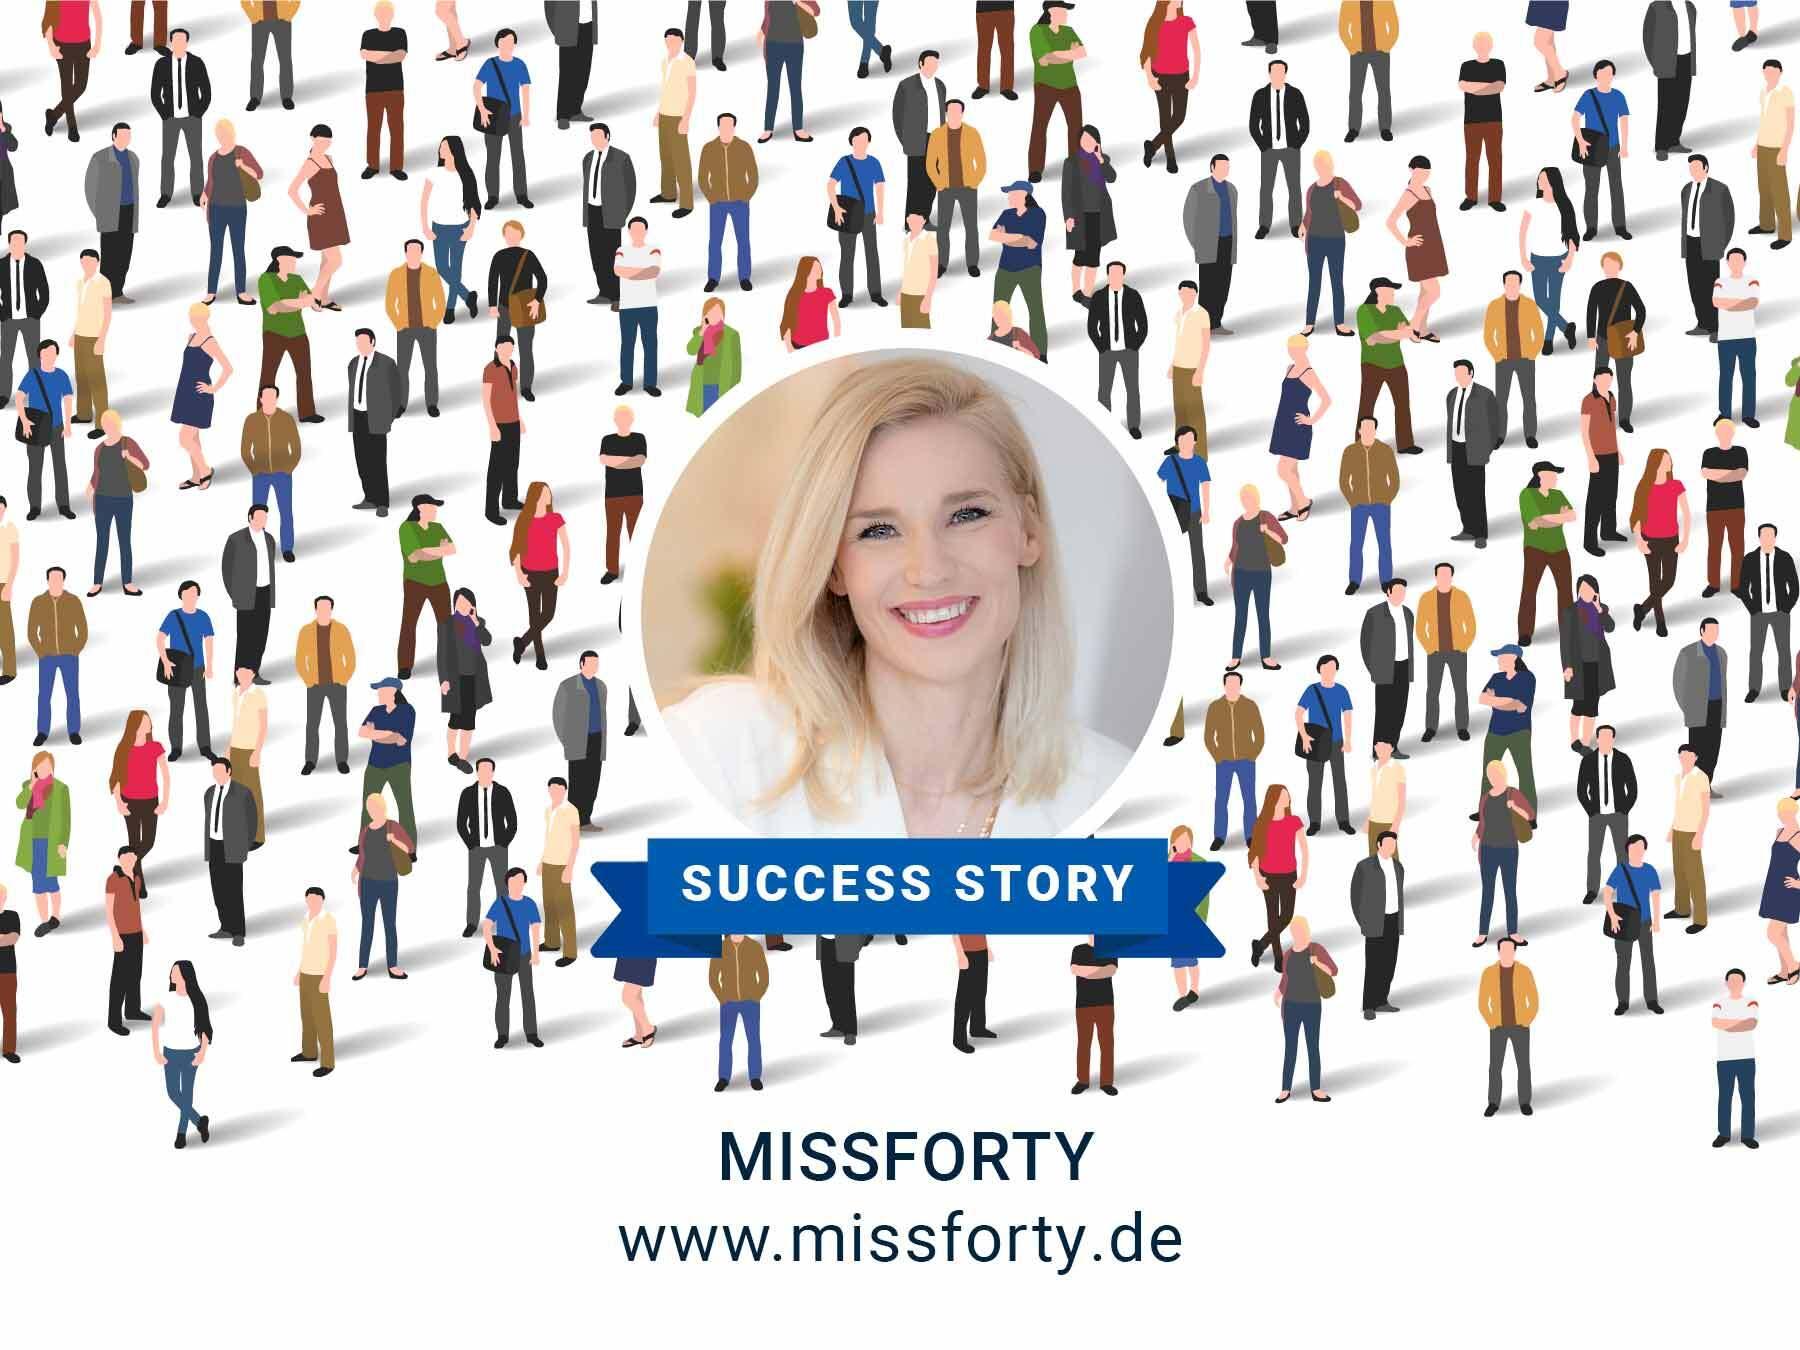 Damenmode von Topmarken: Die Erfolgsgeschichte von Missforty